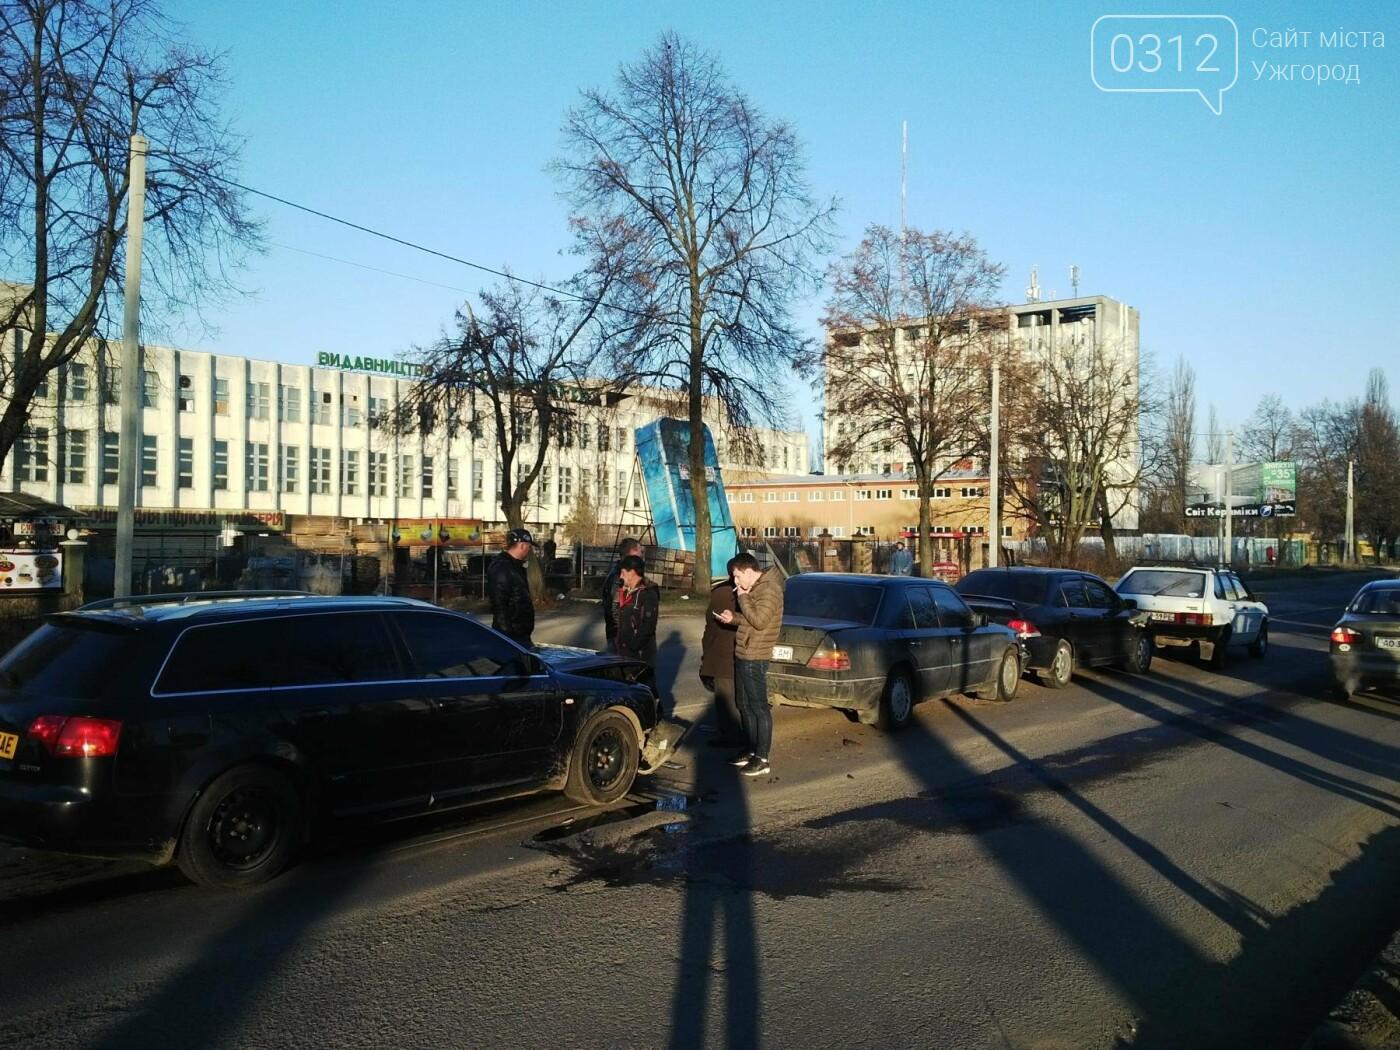 """В Ужгороді на Гагаріна аварія за участі 4-ох авто: зіткнулися """"Ауді"""", """"Мерседес"""", """"Мітсубісі"""" і """"ВАЗ"""" (ФОТО), фото-7"""